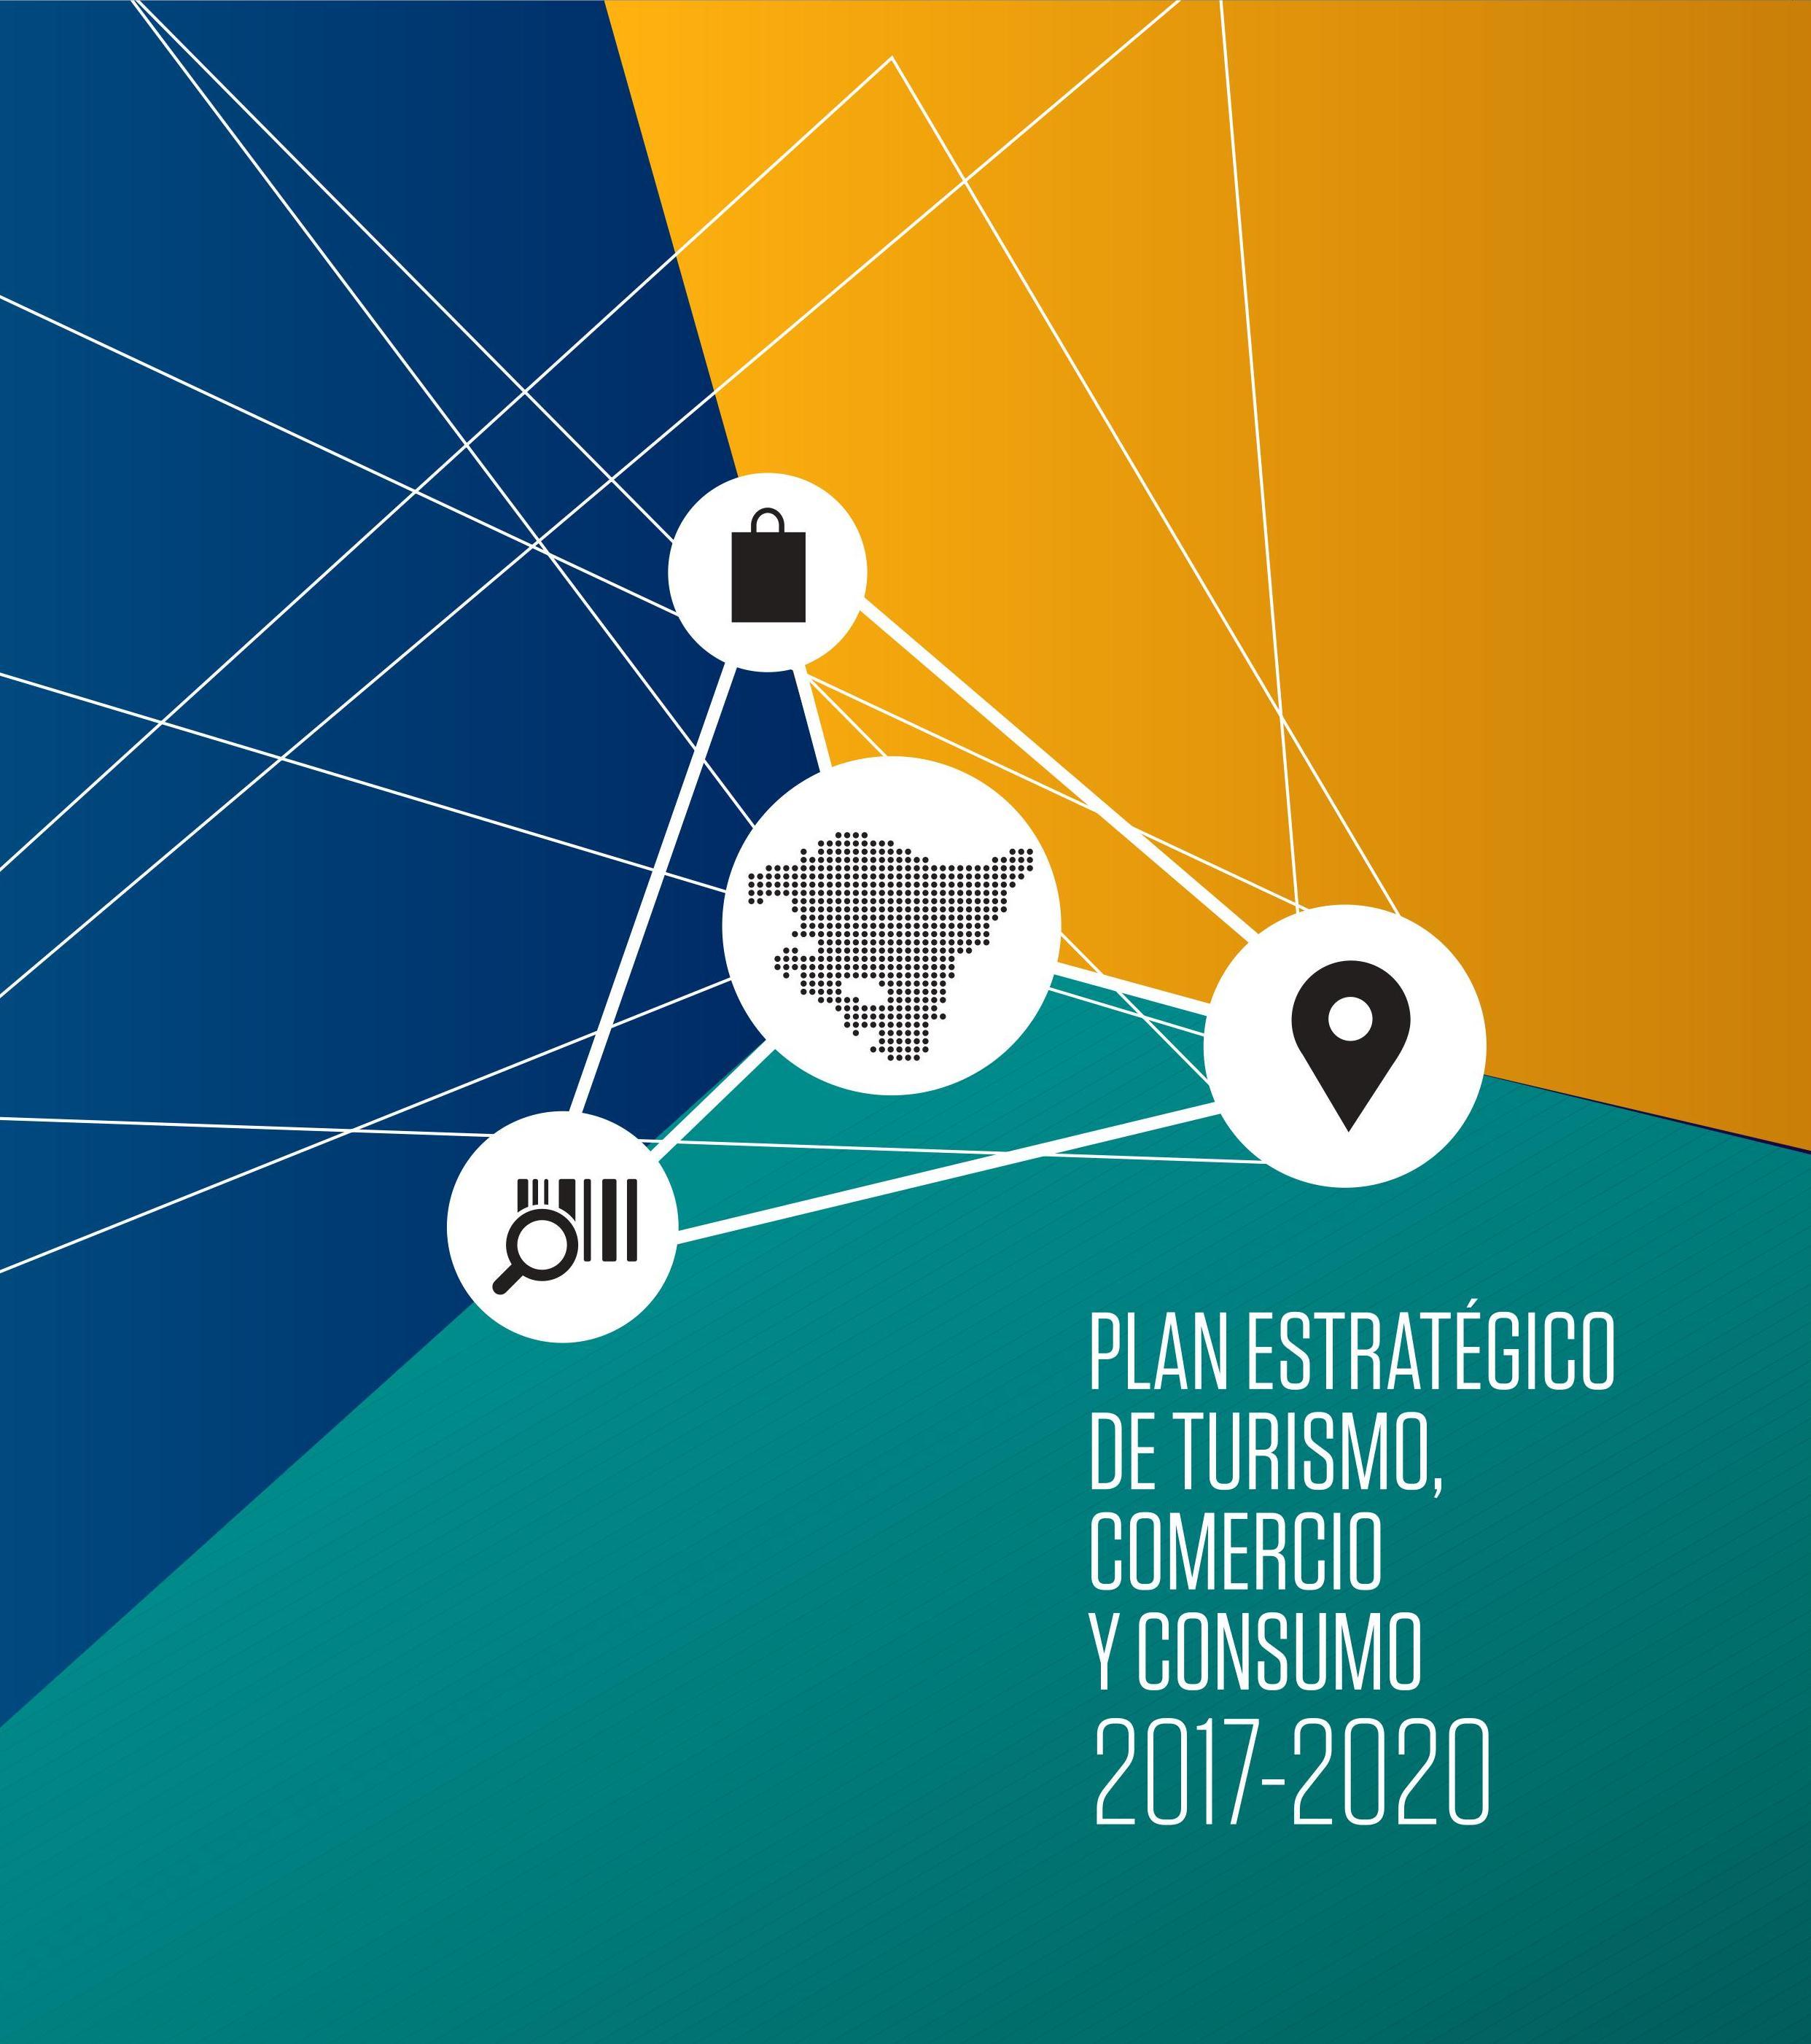 PLAN_ESTRATEGICO_TURISMO_COMERCIO_Y_CONSUMO_CASTELLANO.jpg